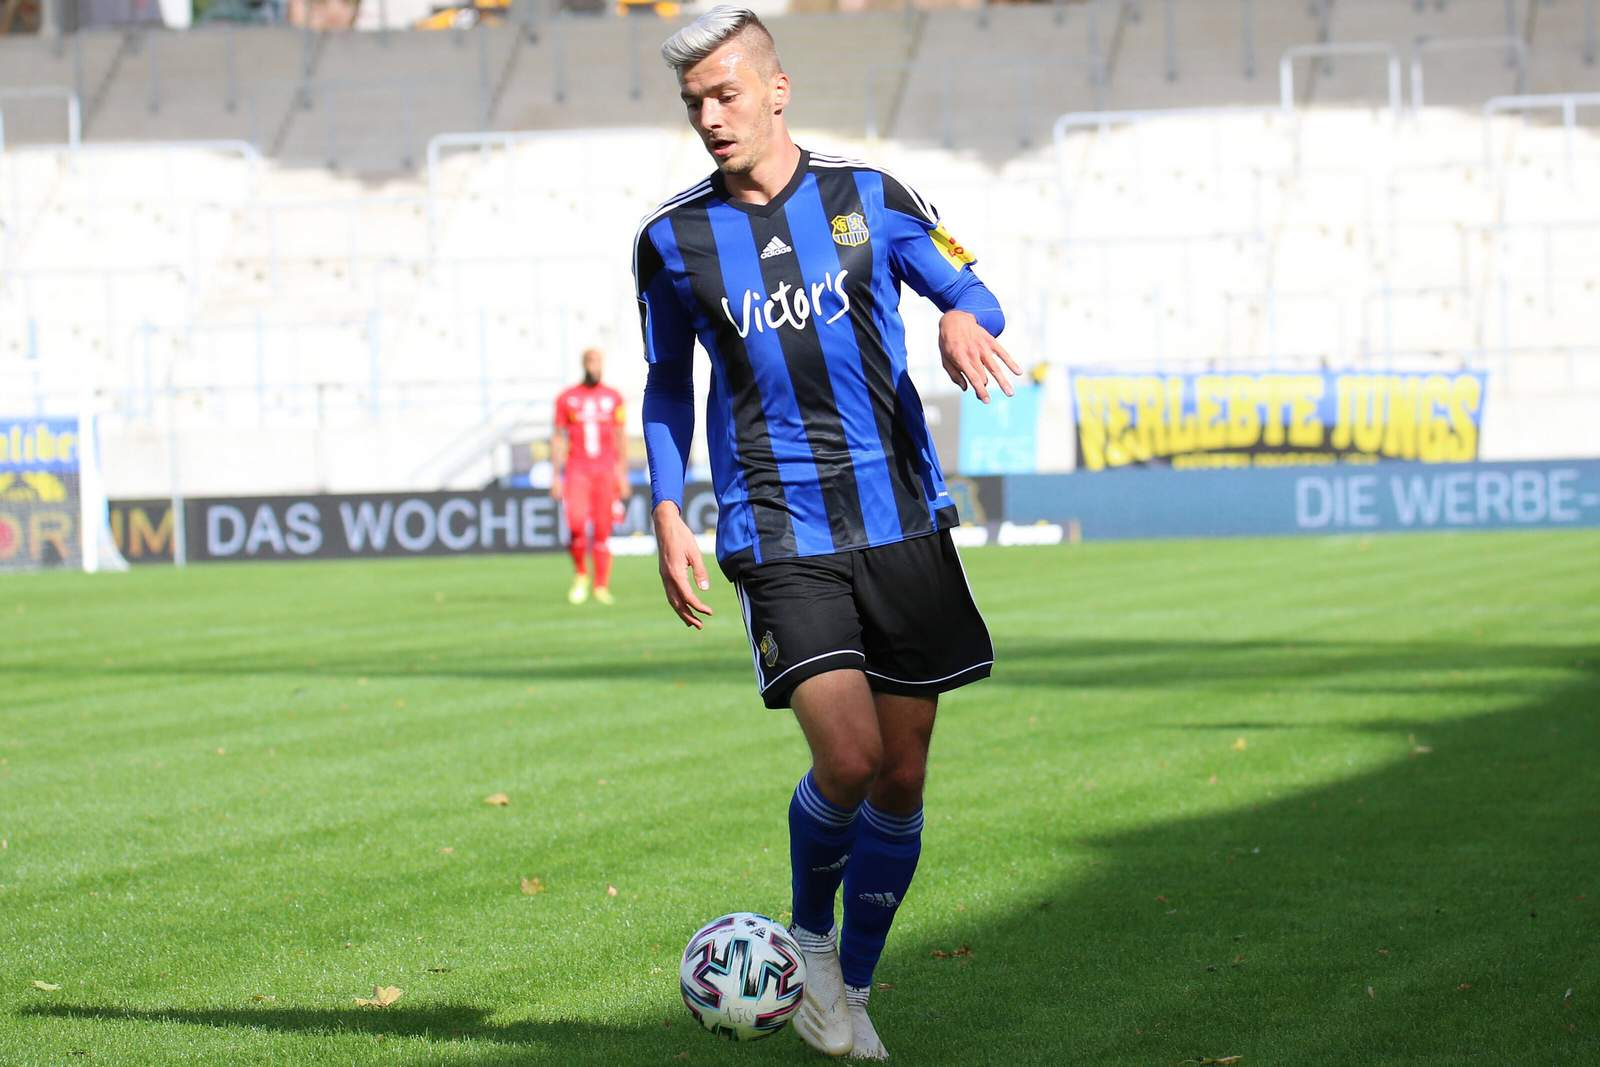 Maurice Deville vom 1. FC Saarbrücken